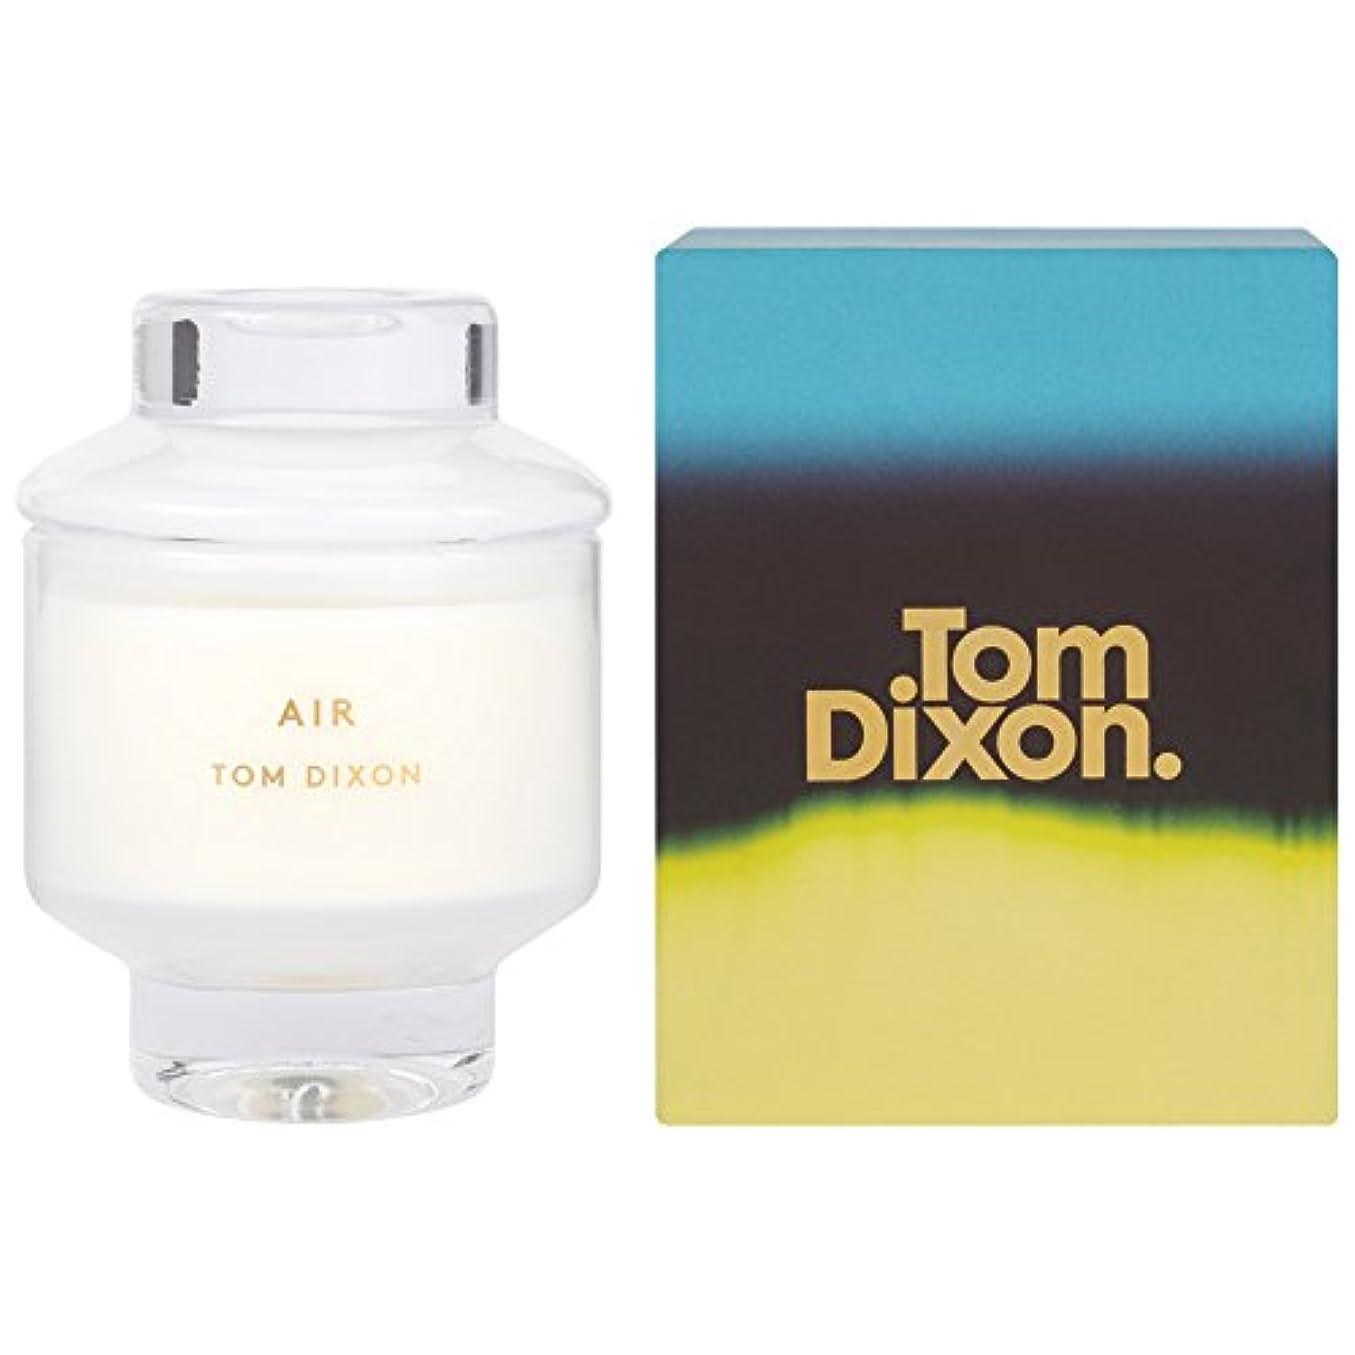 検索お酒哲学博士トム?ディクソン空気の香りのキャンドル媒体 x6 - Tom Dixon Air Scented Candle Medium (Pack of 6) [並行輸入品]